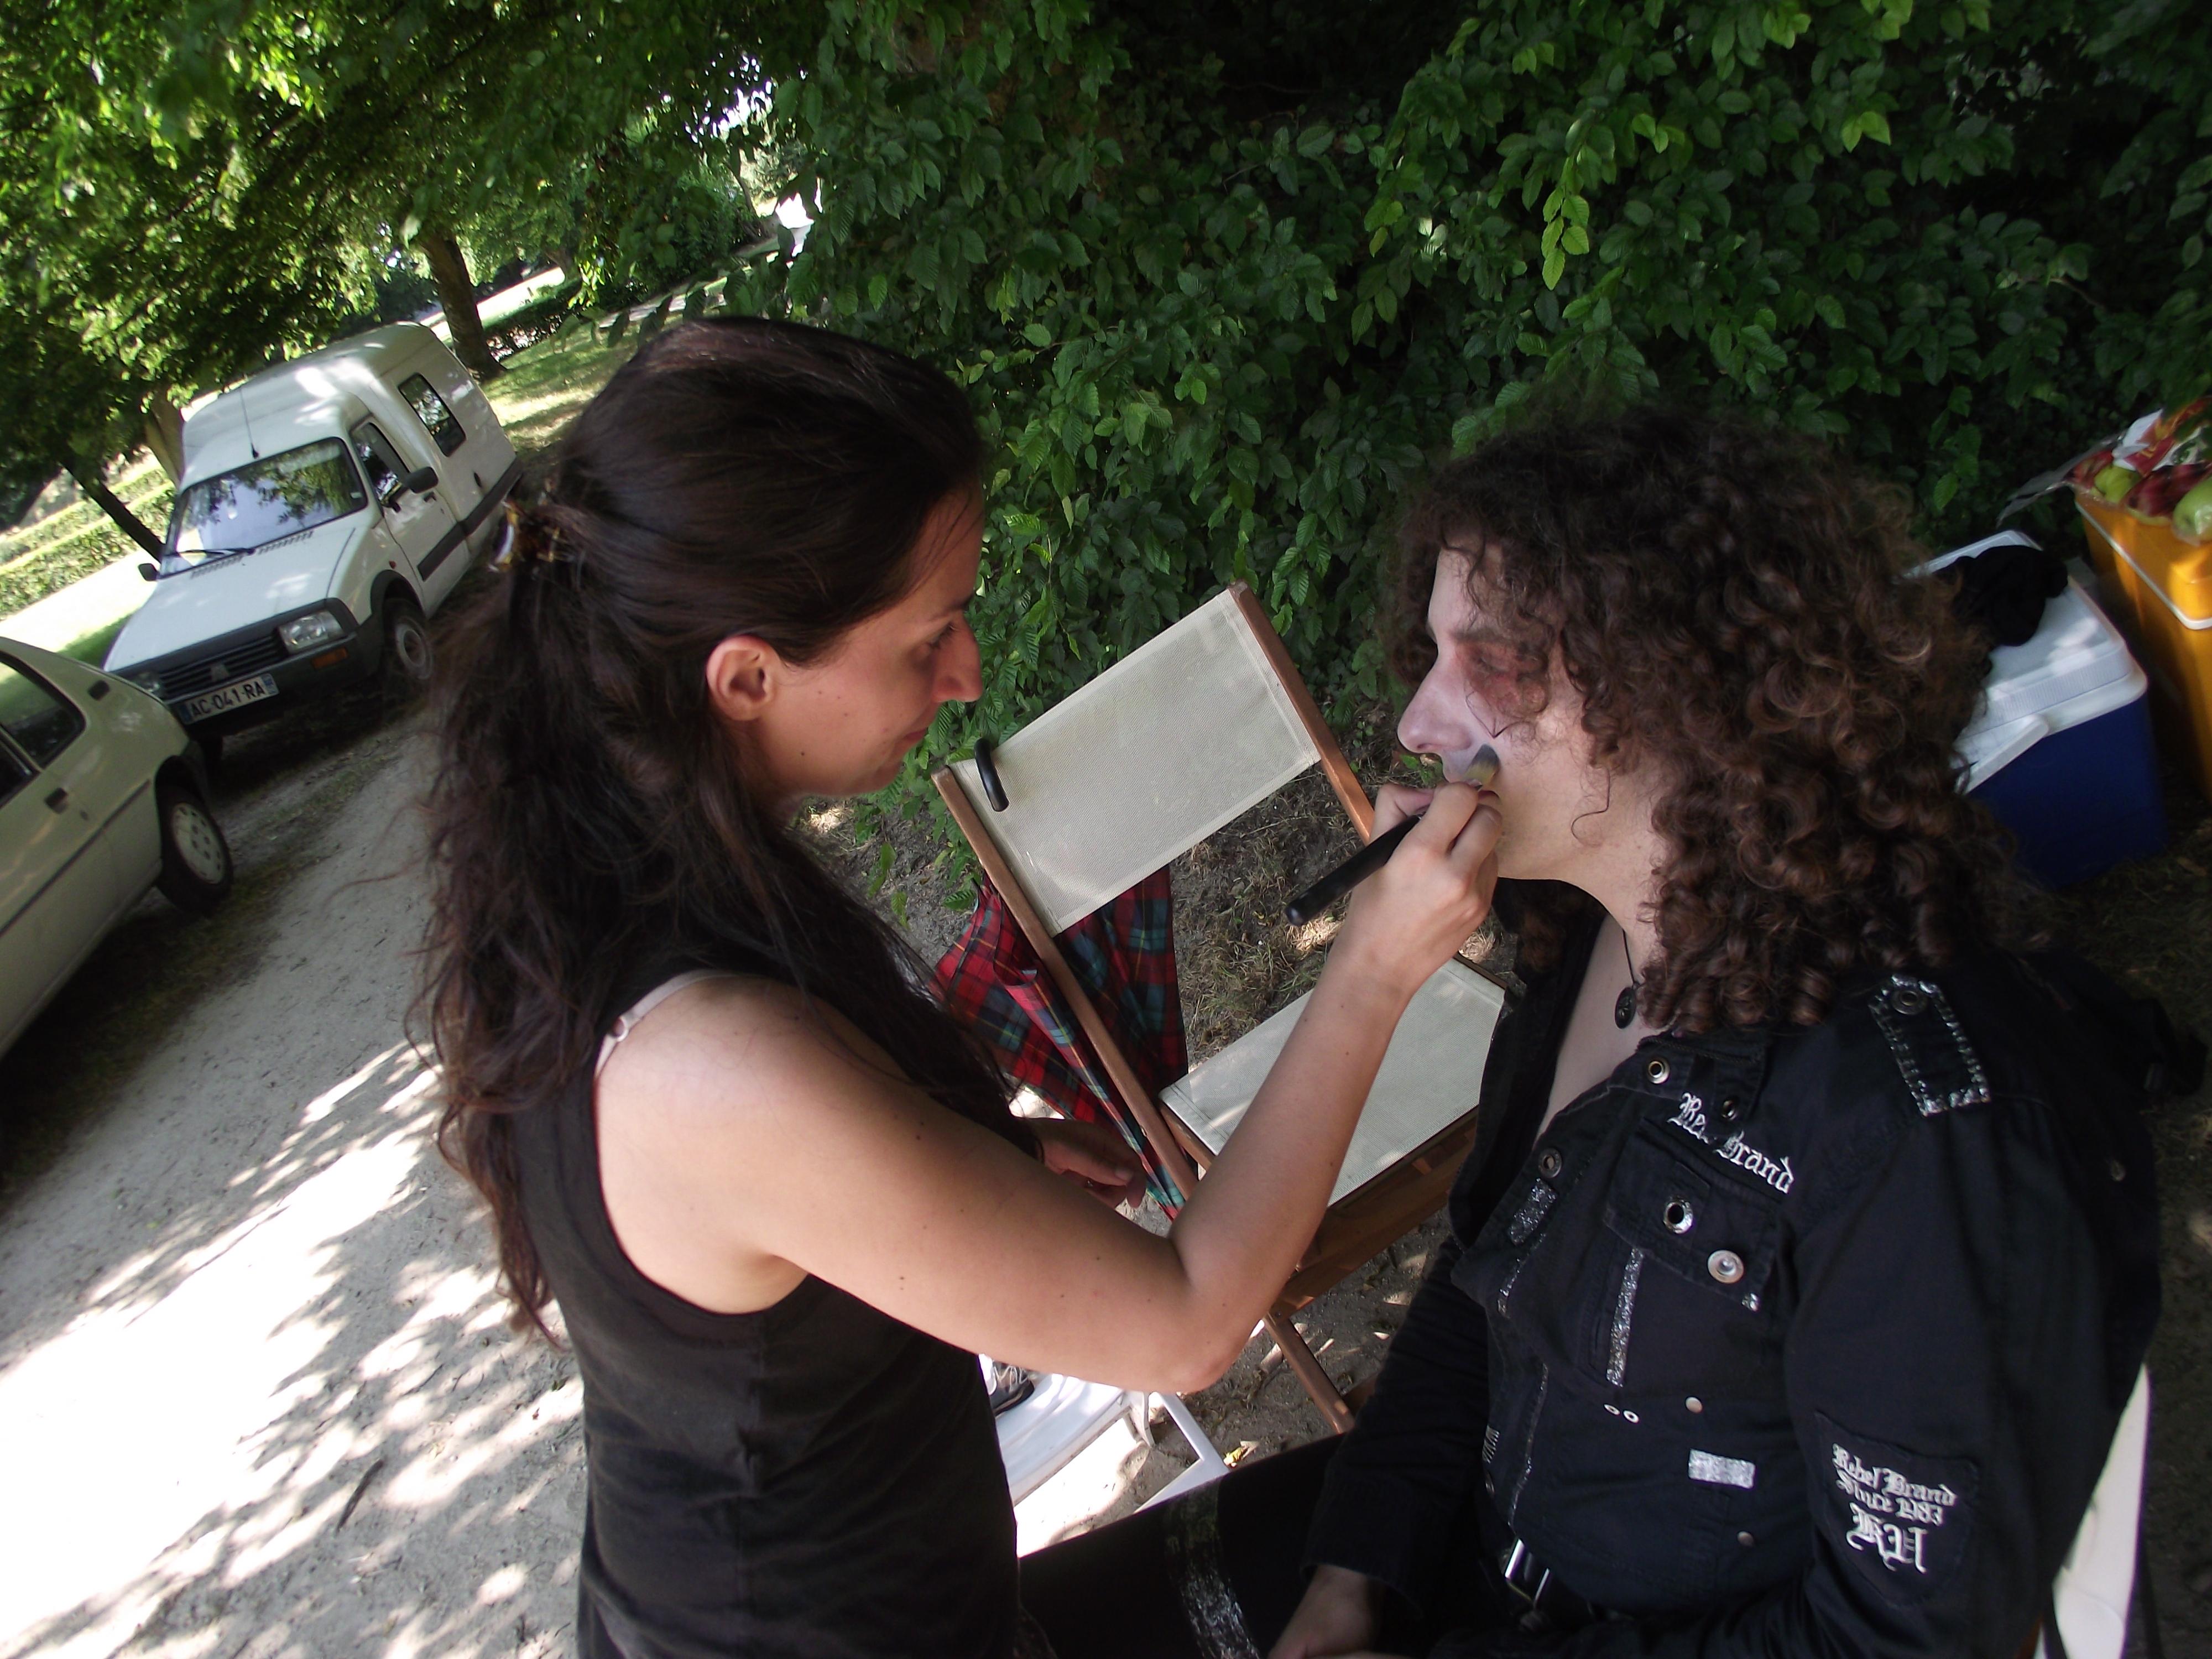 Tournage clip Geist - Les 20 et 21 Juillet 2013 (28)